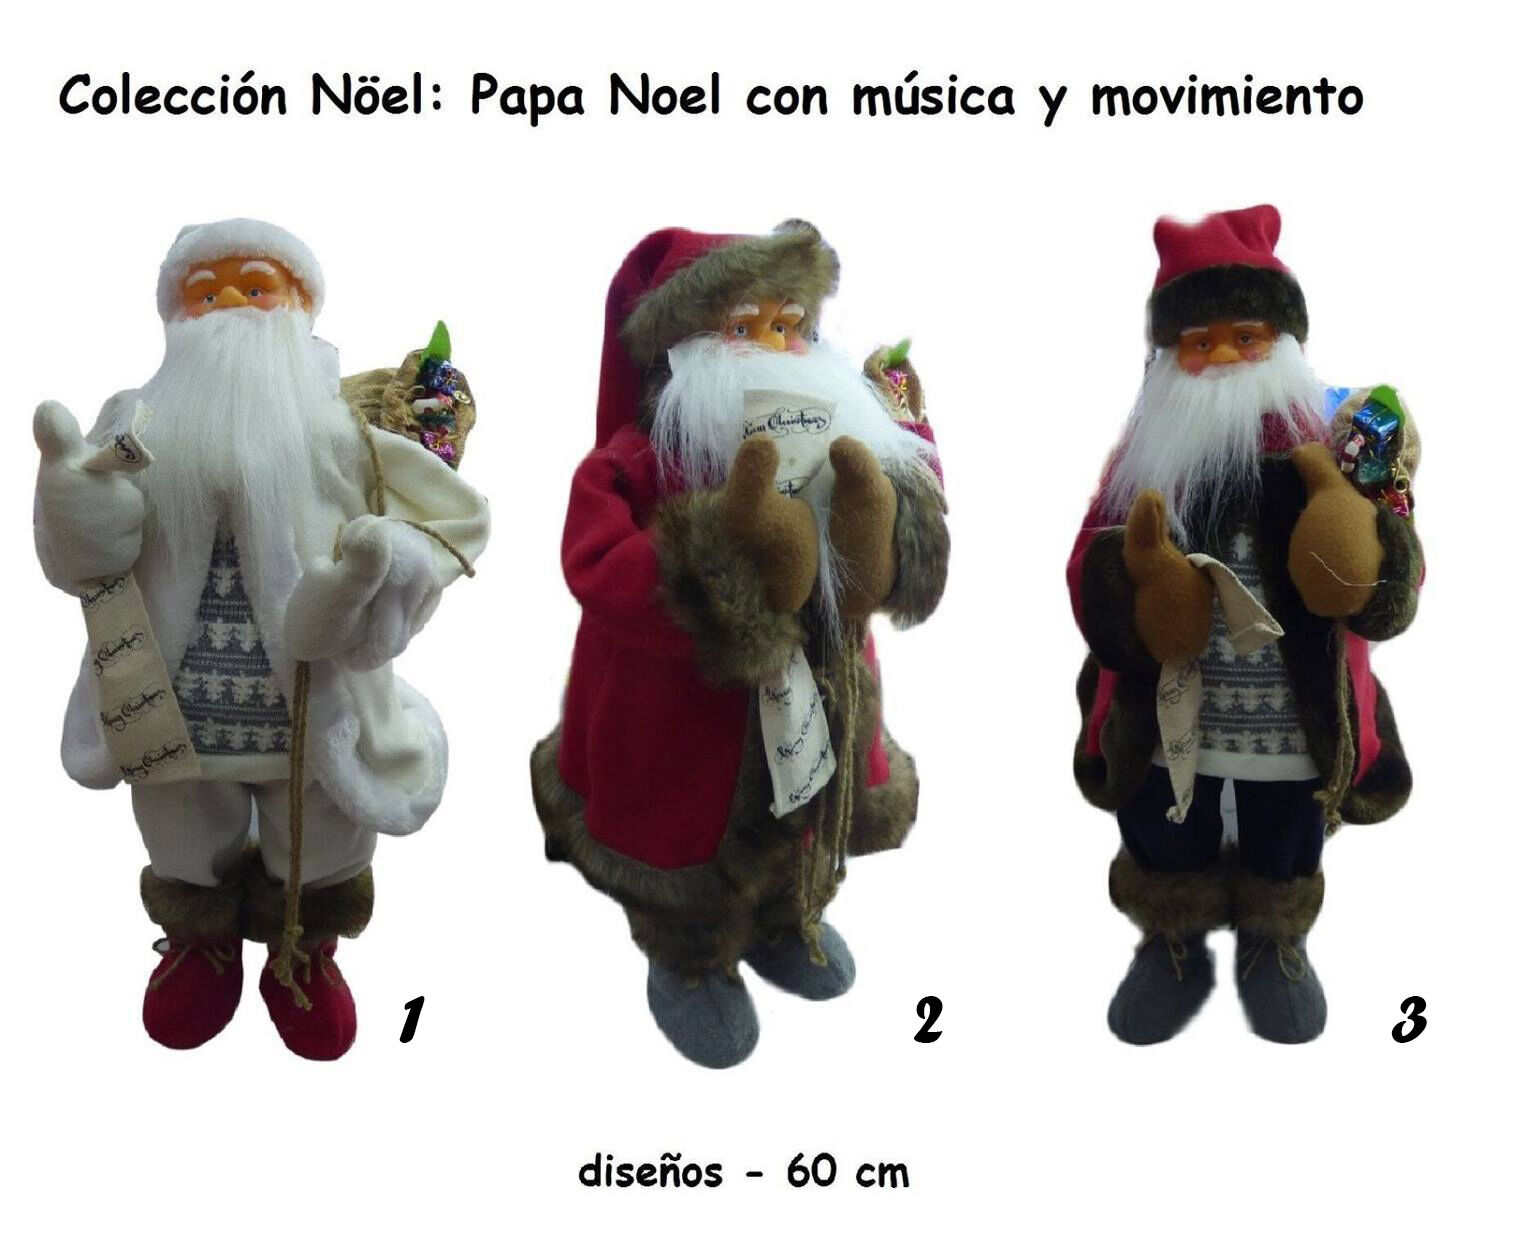 PAPA NOEL 60CM - MOVIMIENTO Y SONIDO DECORACION NAVIDAD (7924)